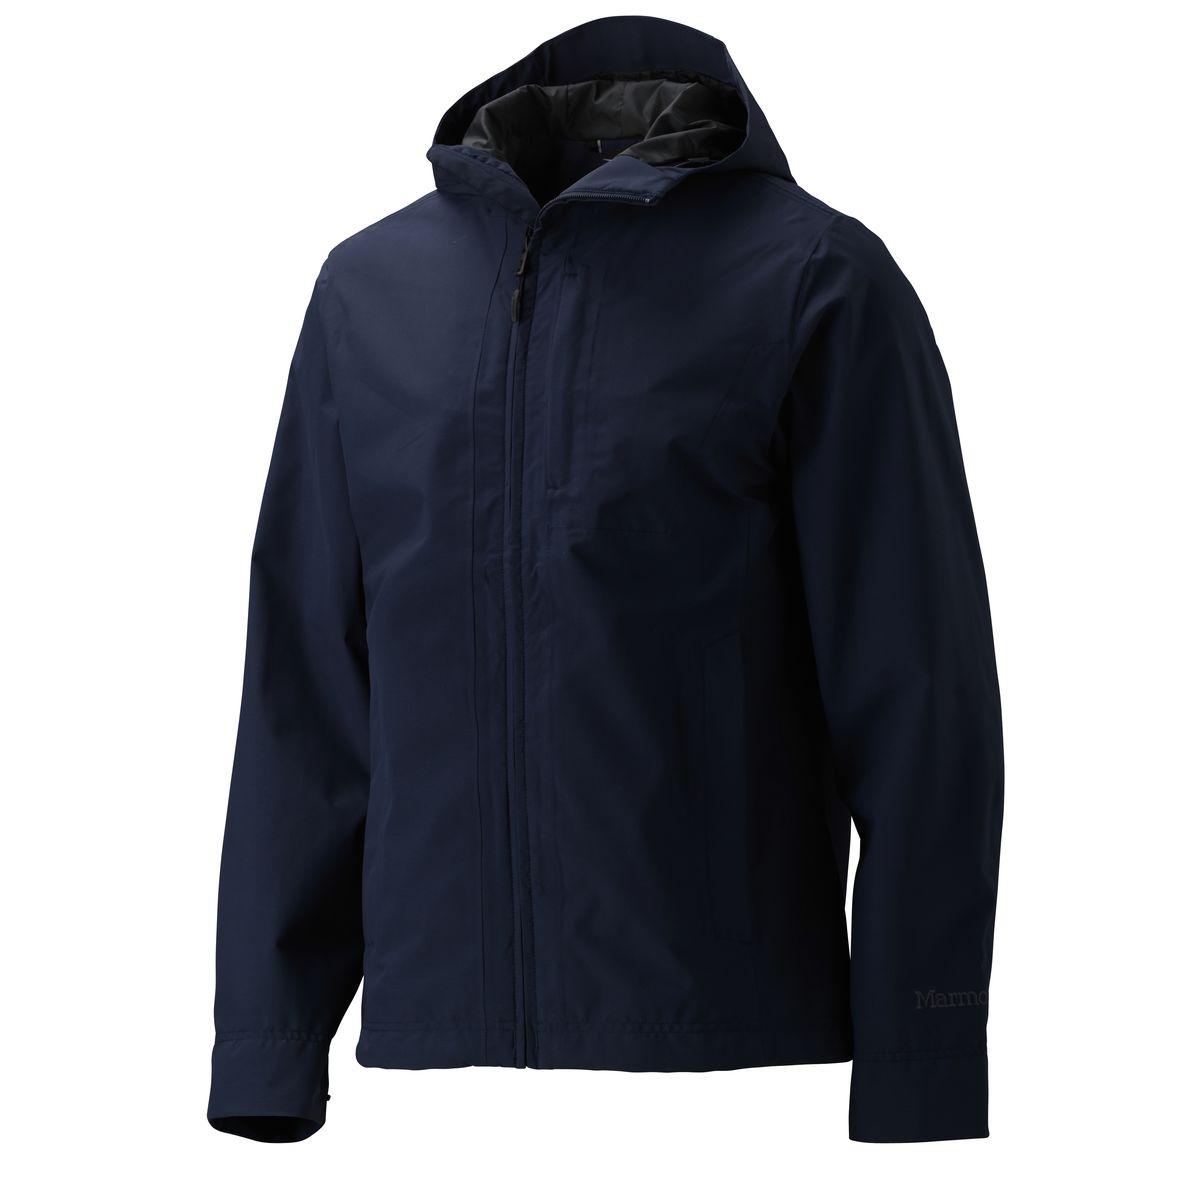 Marmot Broadford Jacket